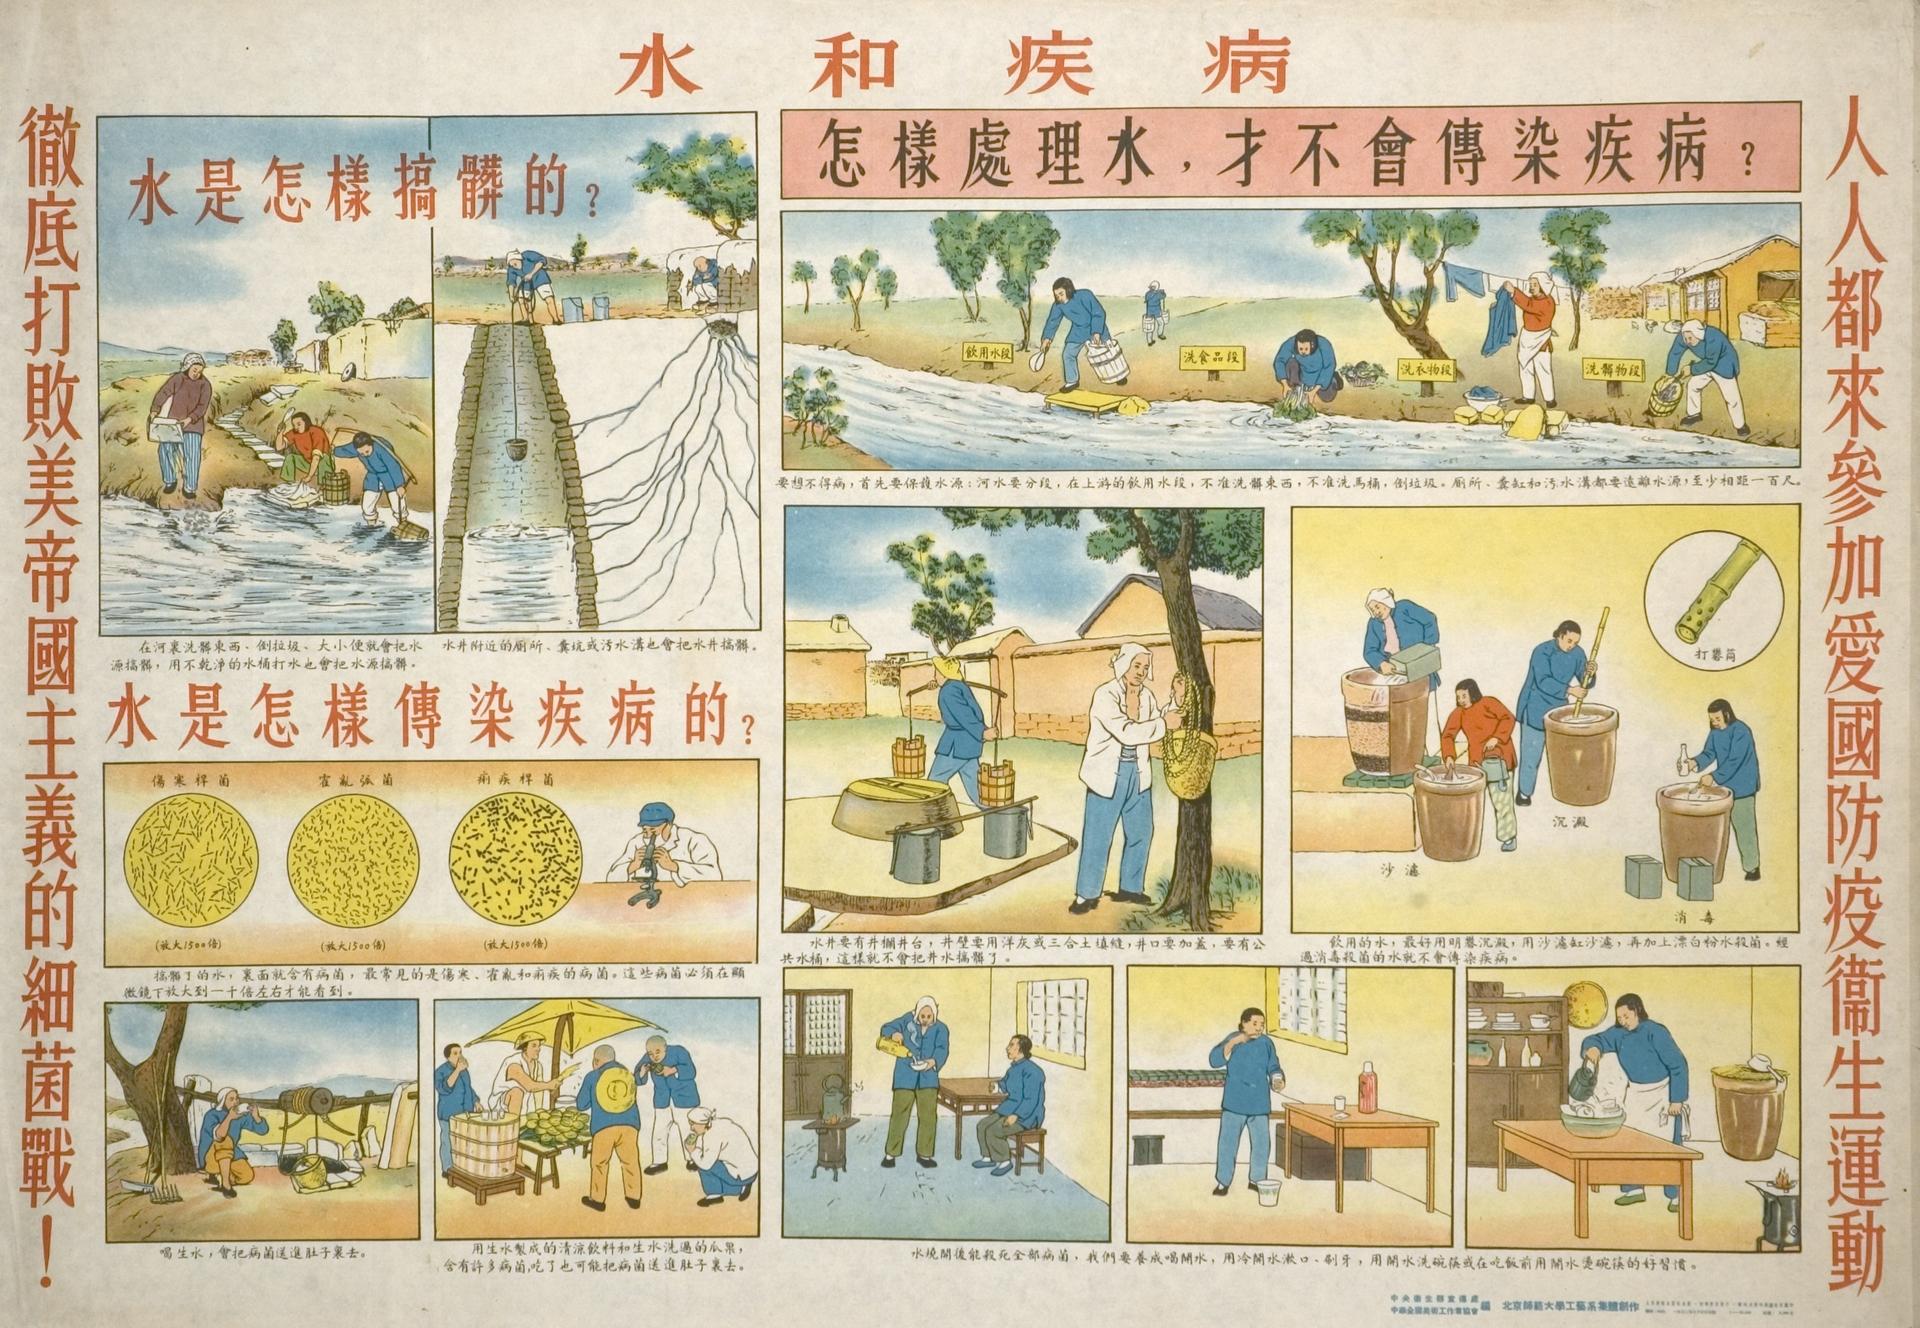 1952 年中國的衛教海報,公共衛生與愛國、反帝運動相互結合,創造出一套民族主義的防疫論述。疫病防治,即是對抗西方帝國的救國之戰。 圖片來源│U.S. National Library of Medicine,Digital Collections,NLM Image ID:E00103